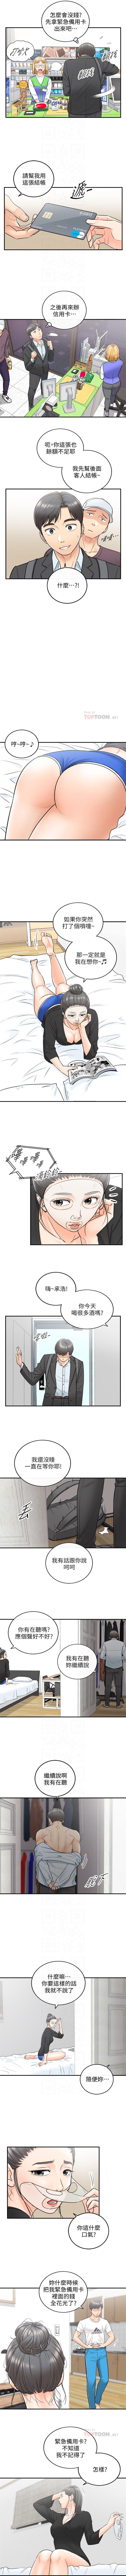 (週5)正妹小主管 1-39 中文翻譯(更新中) 120